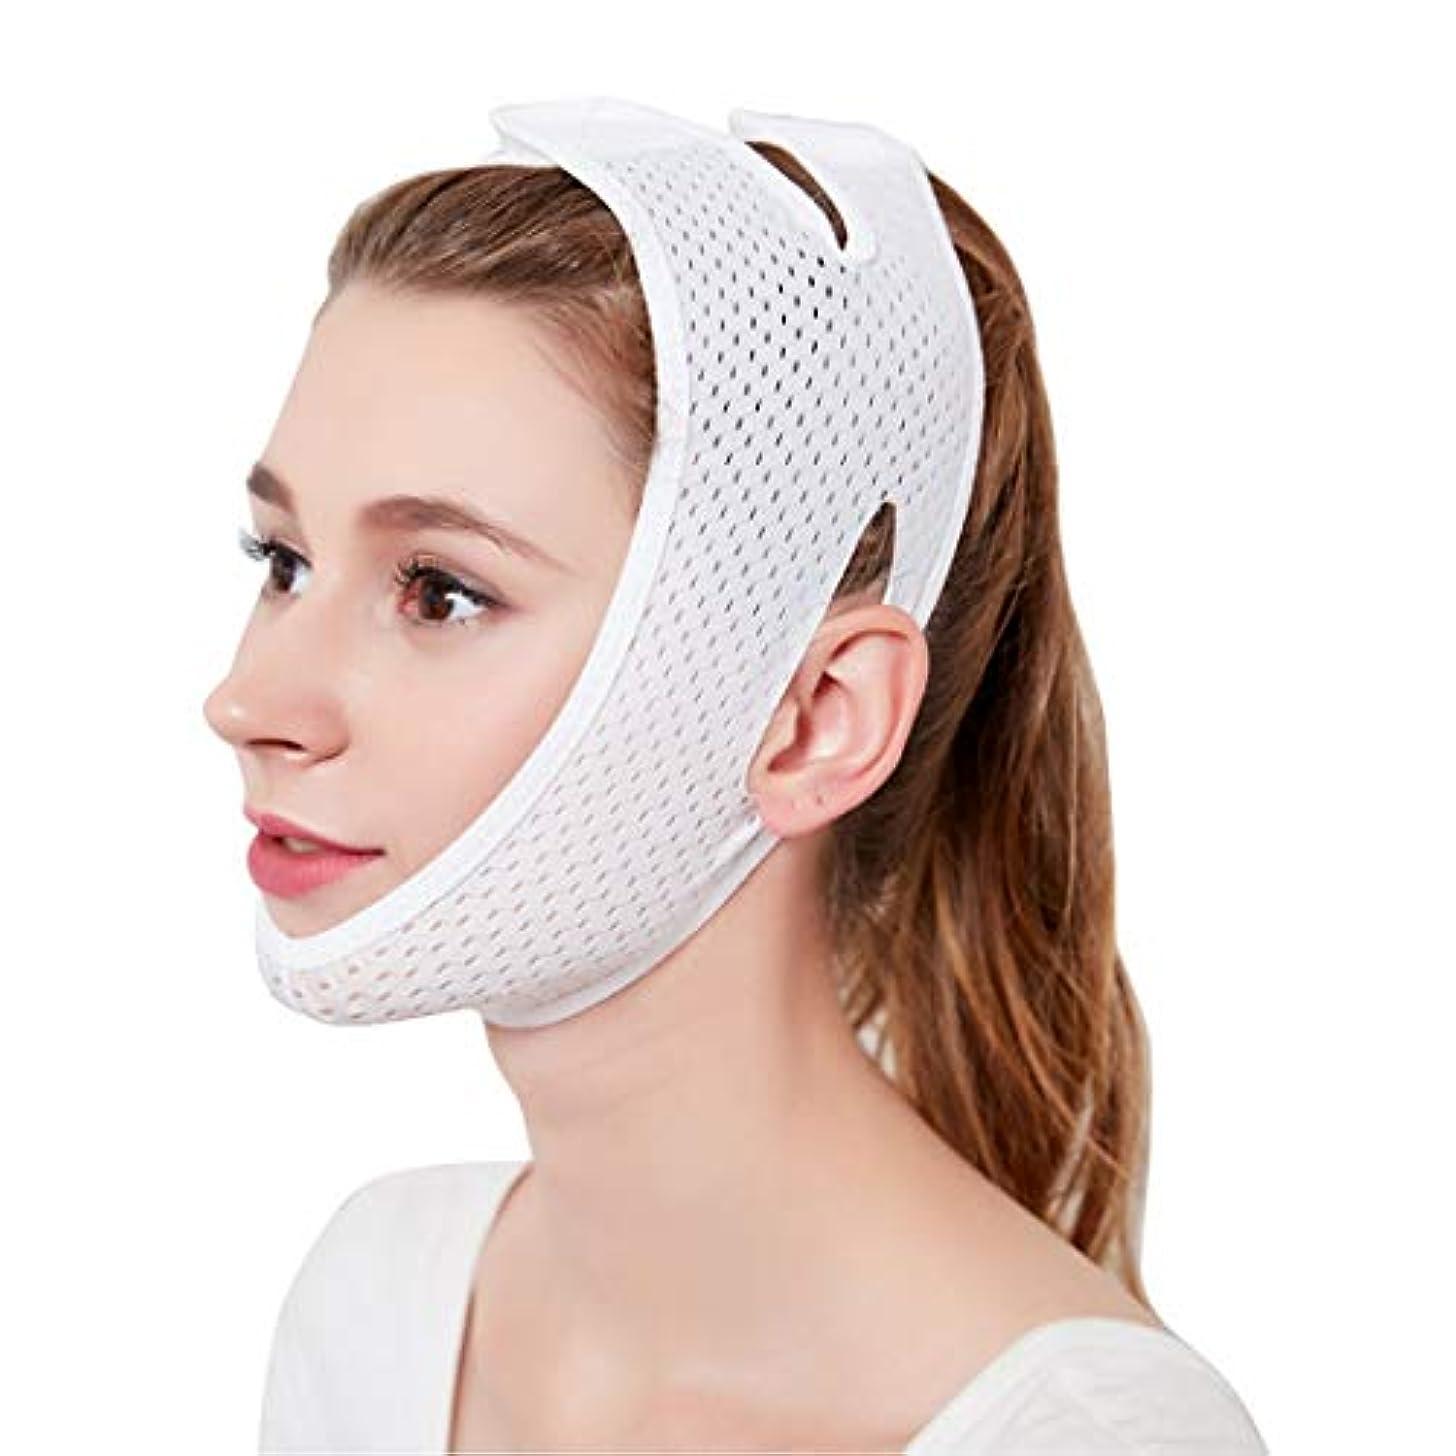 冷える謝罪する料理ZWBD フェイスマスク, 薄い顔包帯v顔の薄い咬筋の筋肉通気性の薄い顔咬筋の筋肉Vフェイスマスクダブルあごリフトあご